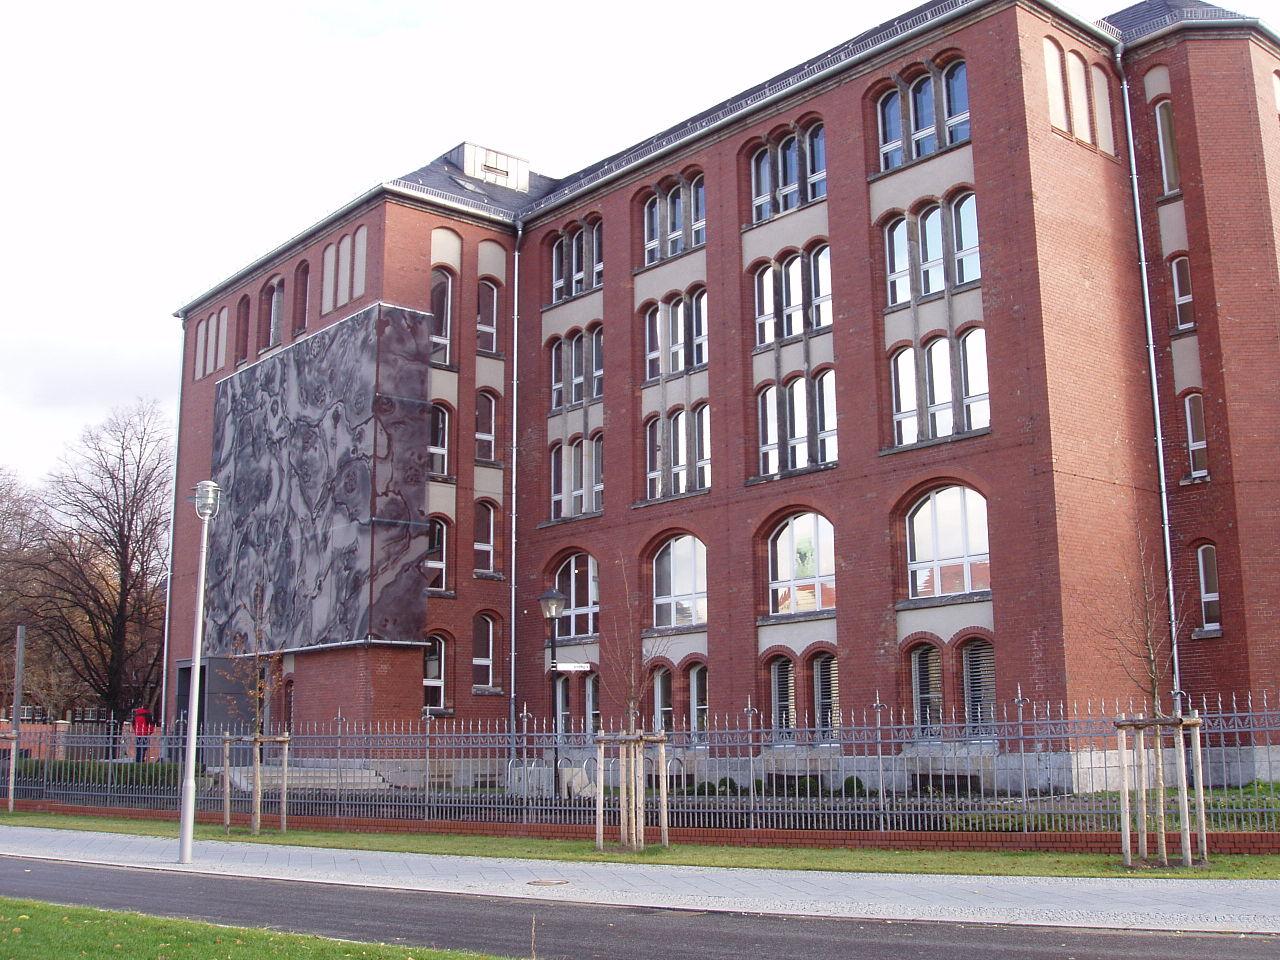 medizinhistorische museen in berlin. Black Bedroom Furniture Sets. Home Design Ideas